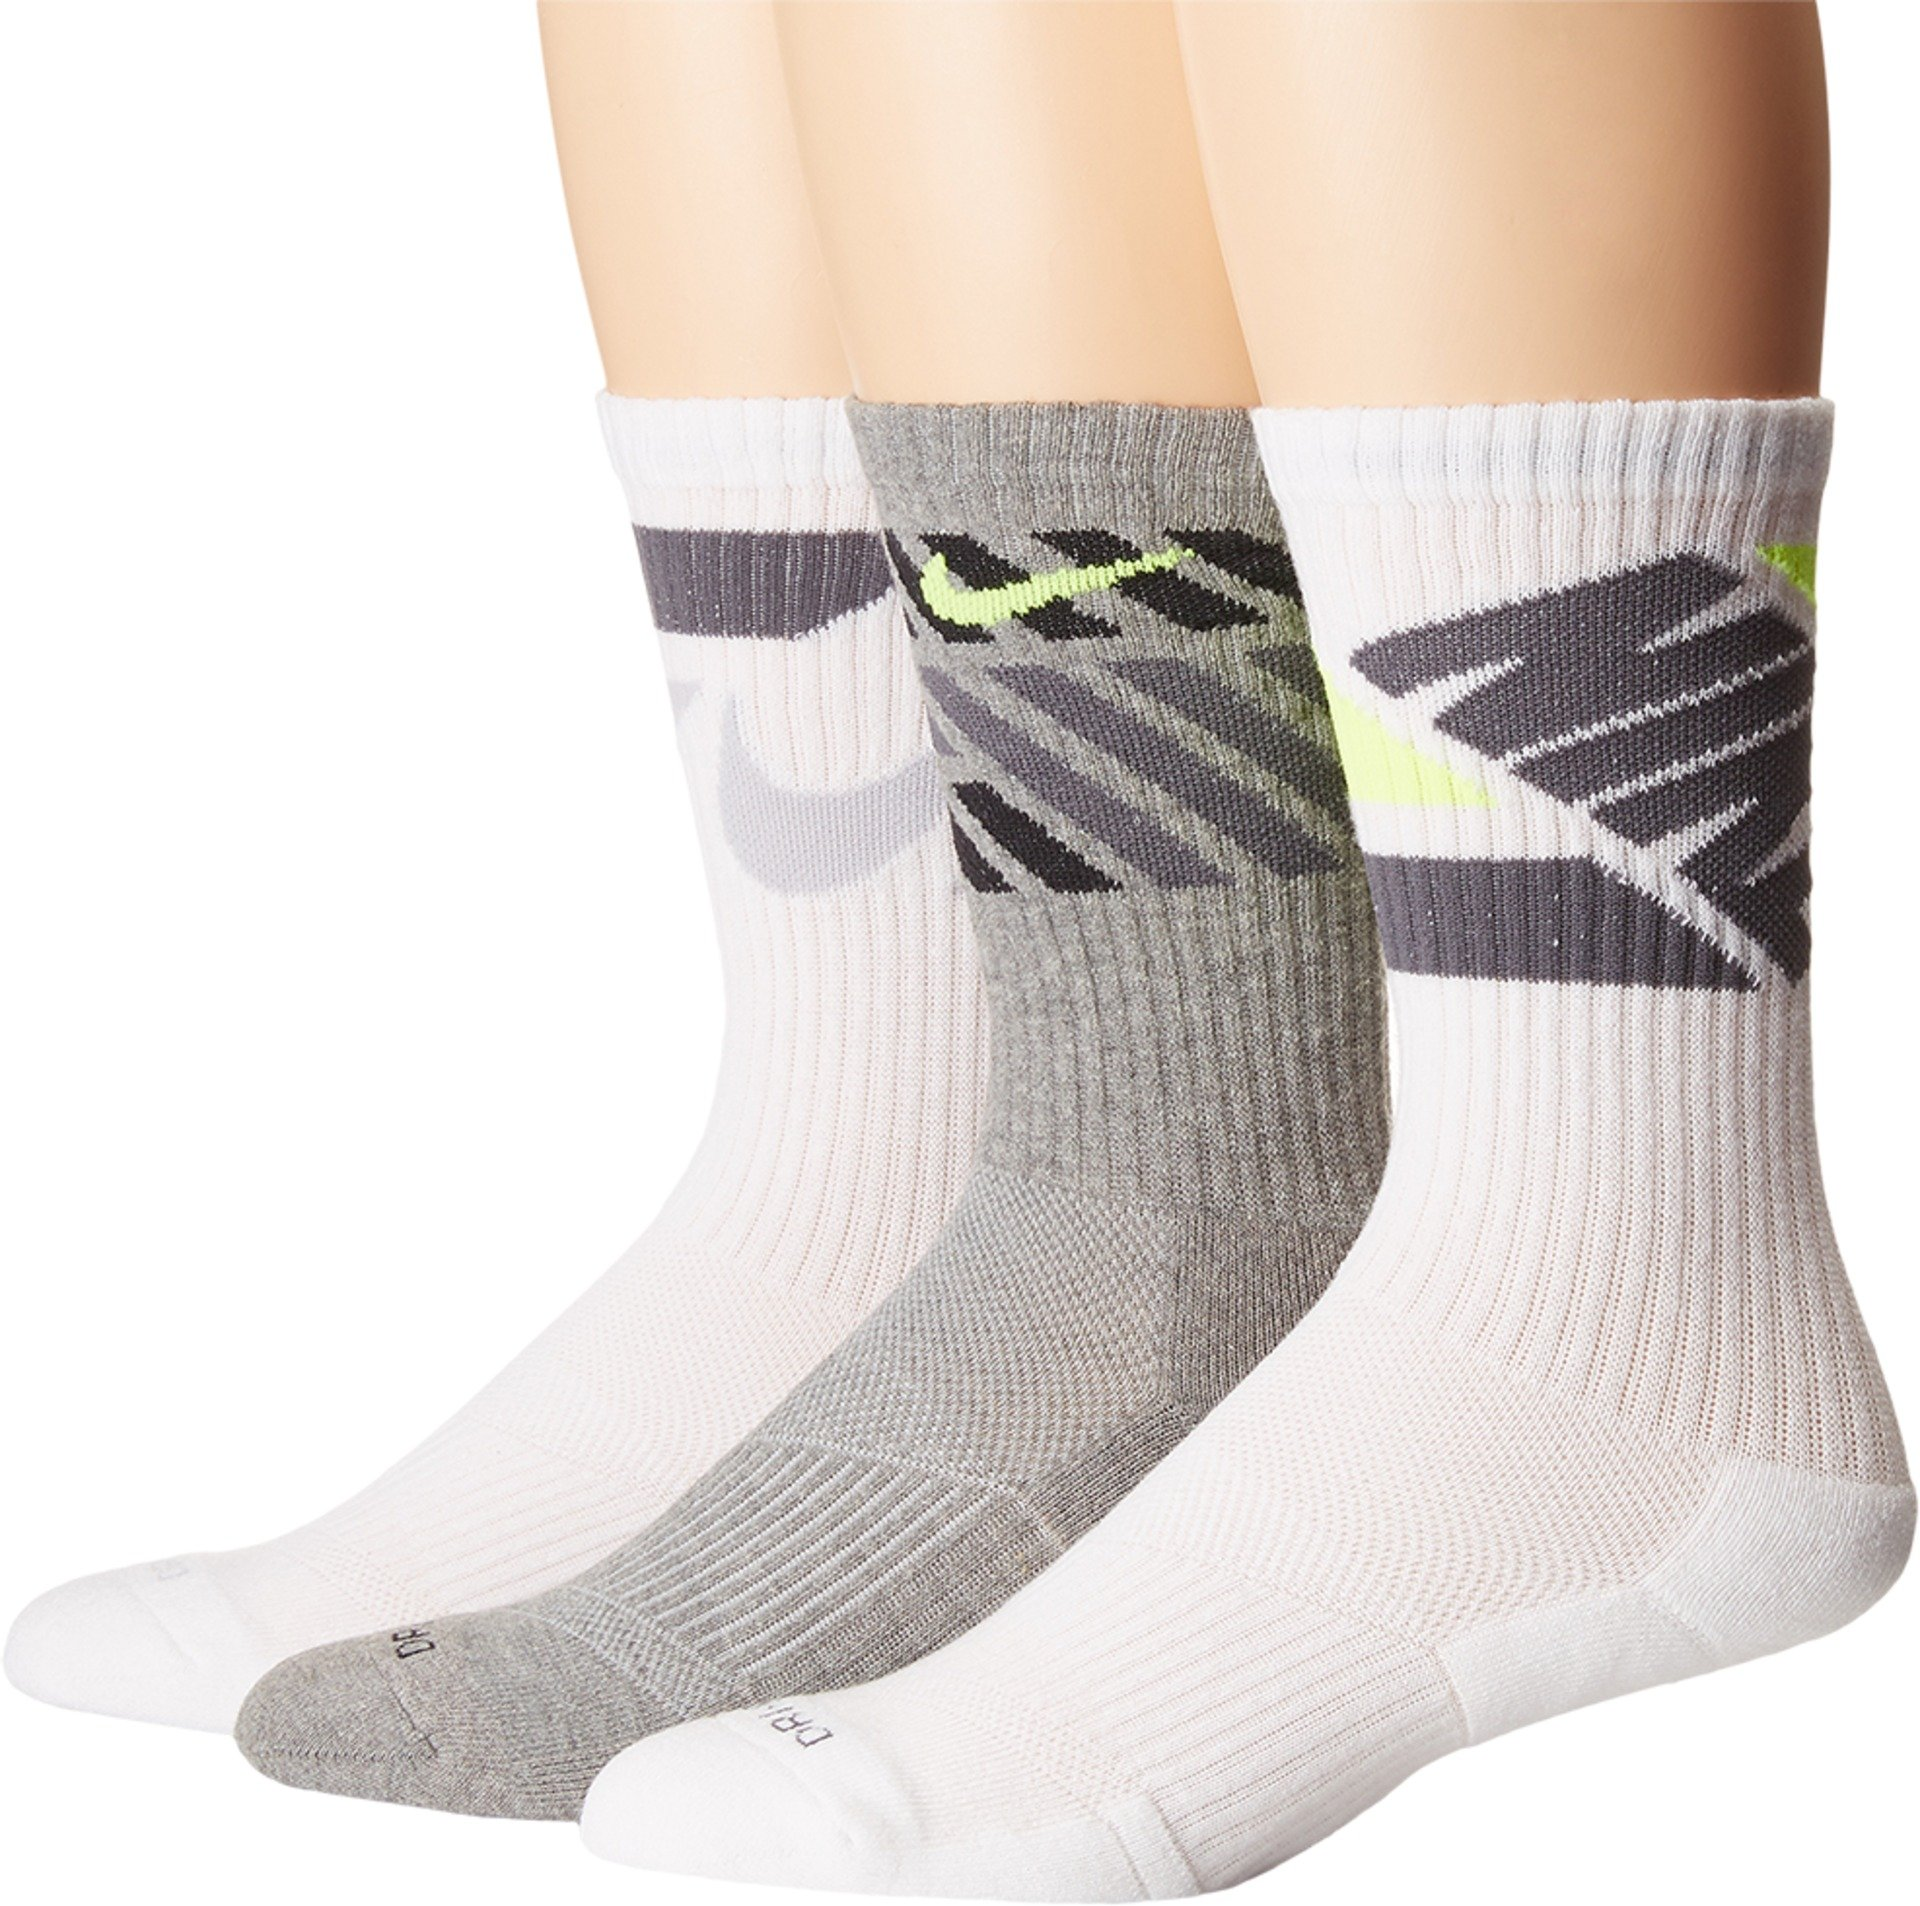 Nike 3PK DRI-FIT Cushion Crew Socks - Men's Large(8-12) (Multicolor 2) by Nike